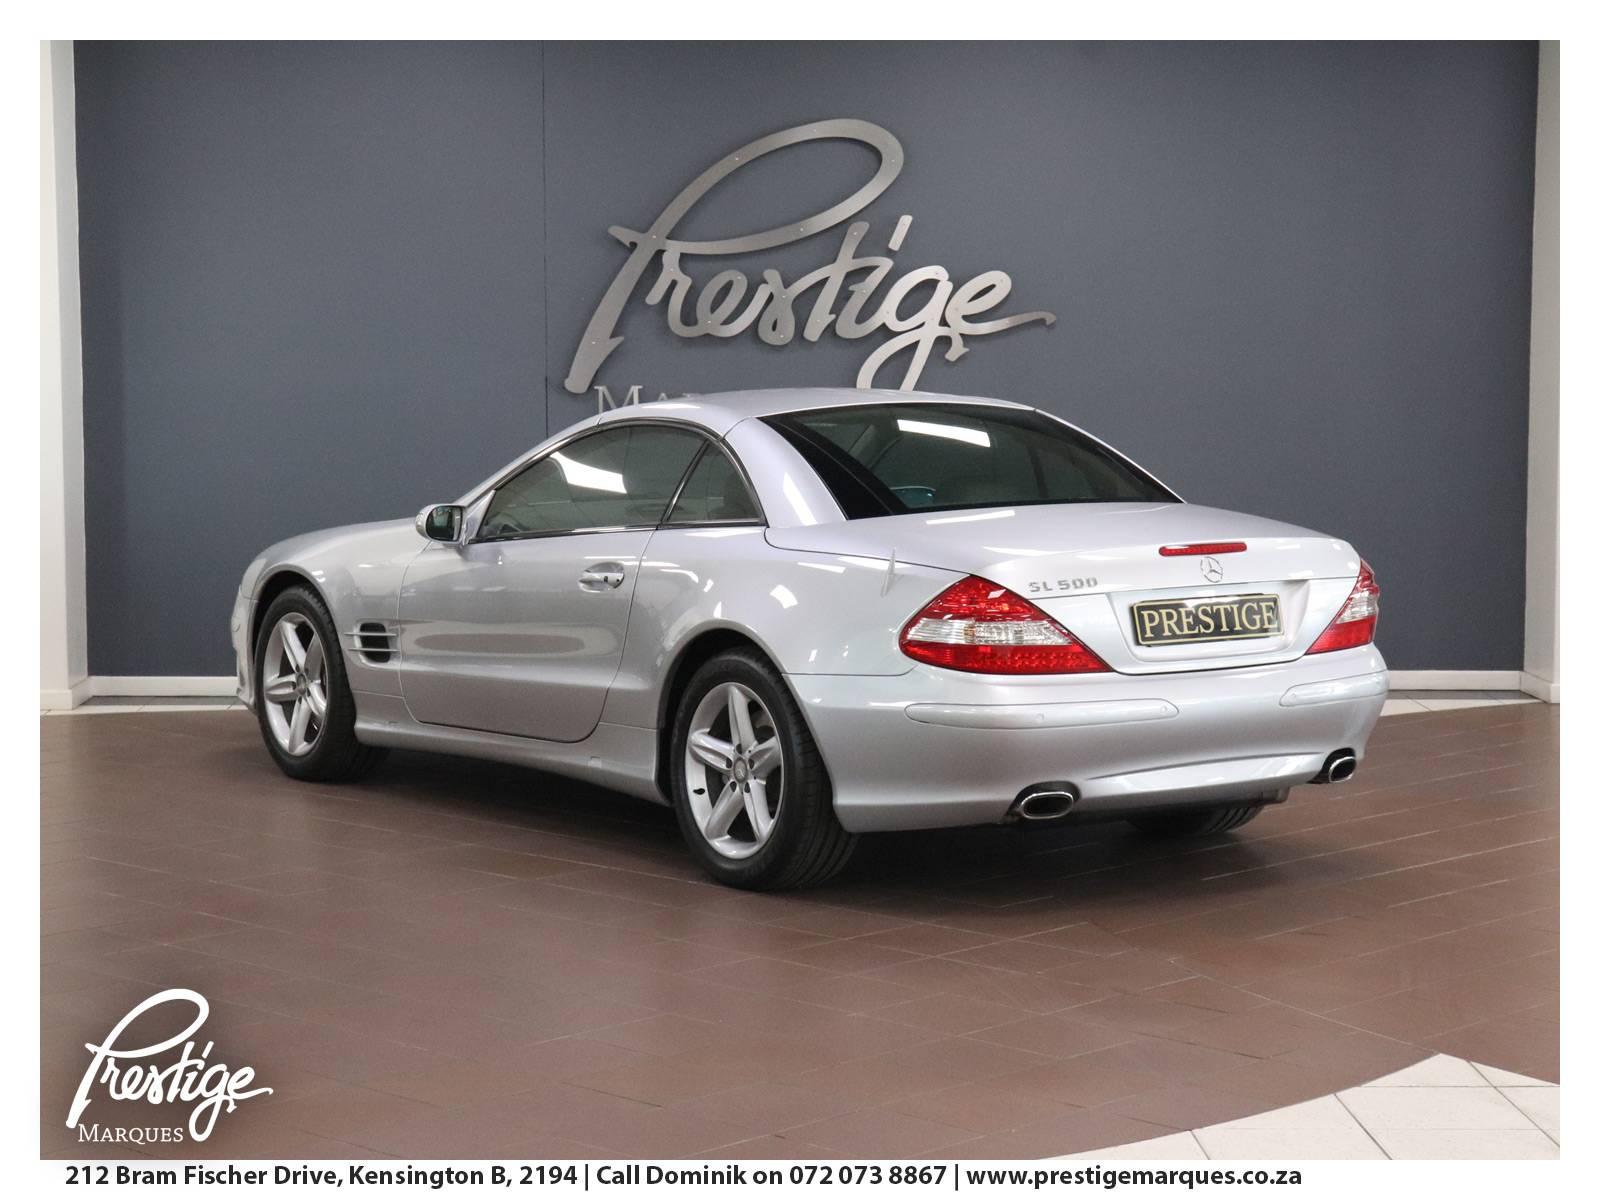 2007-Mercedes-benz-sl500-203-facelift-Prestige-Marques-Randburg-Sandton-8